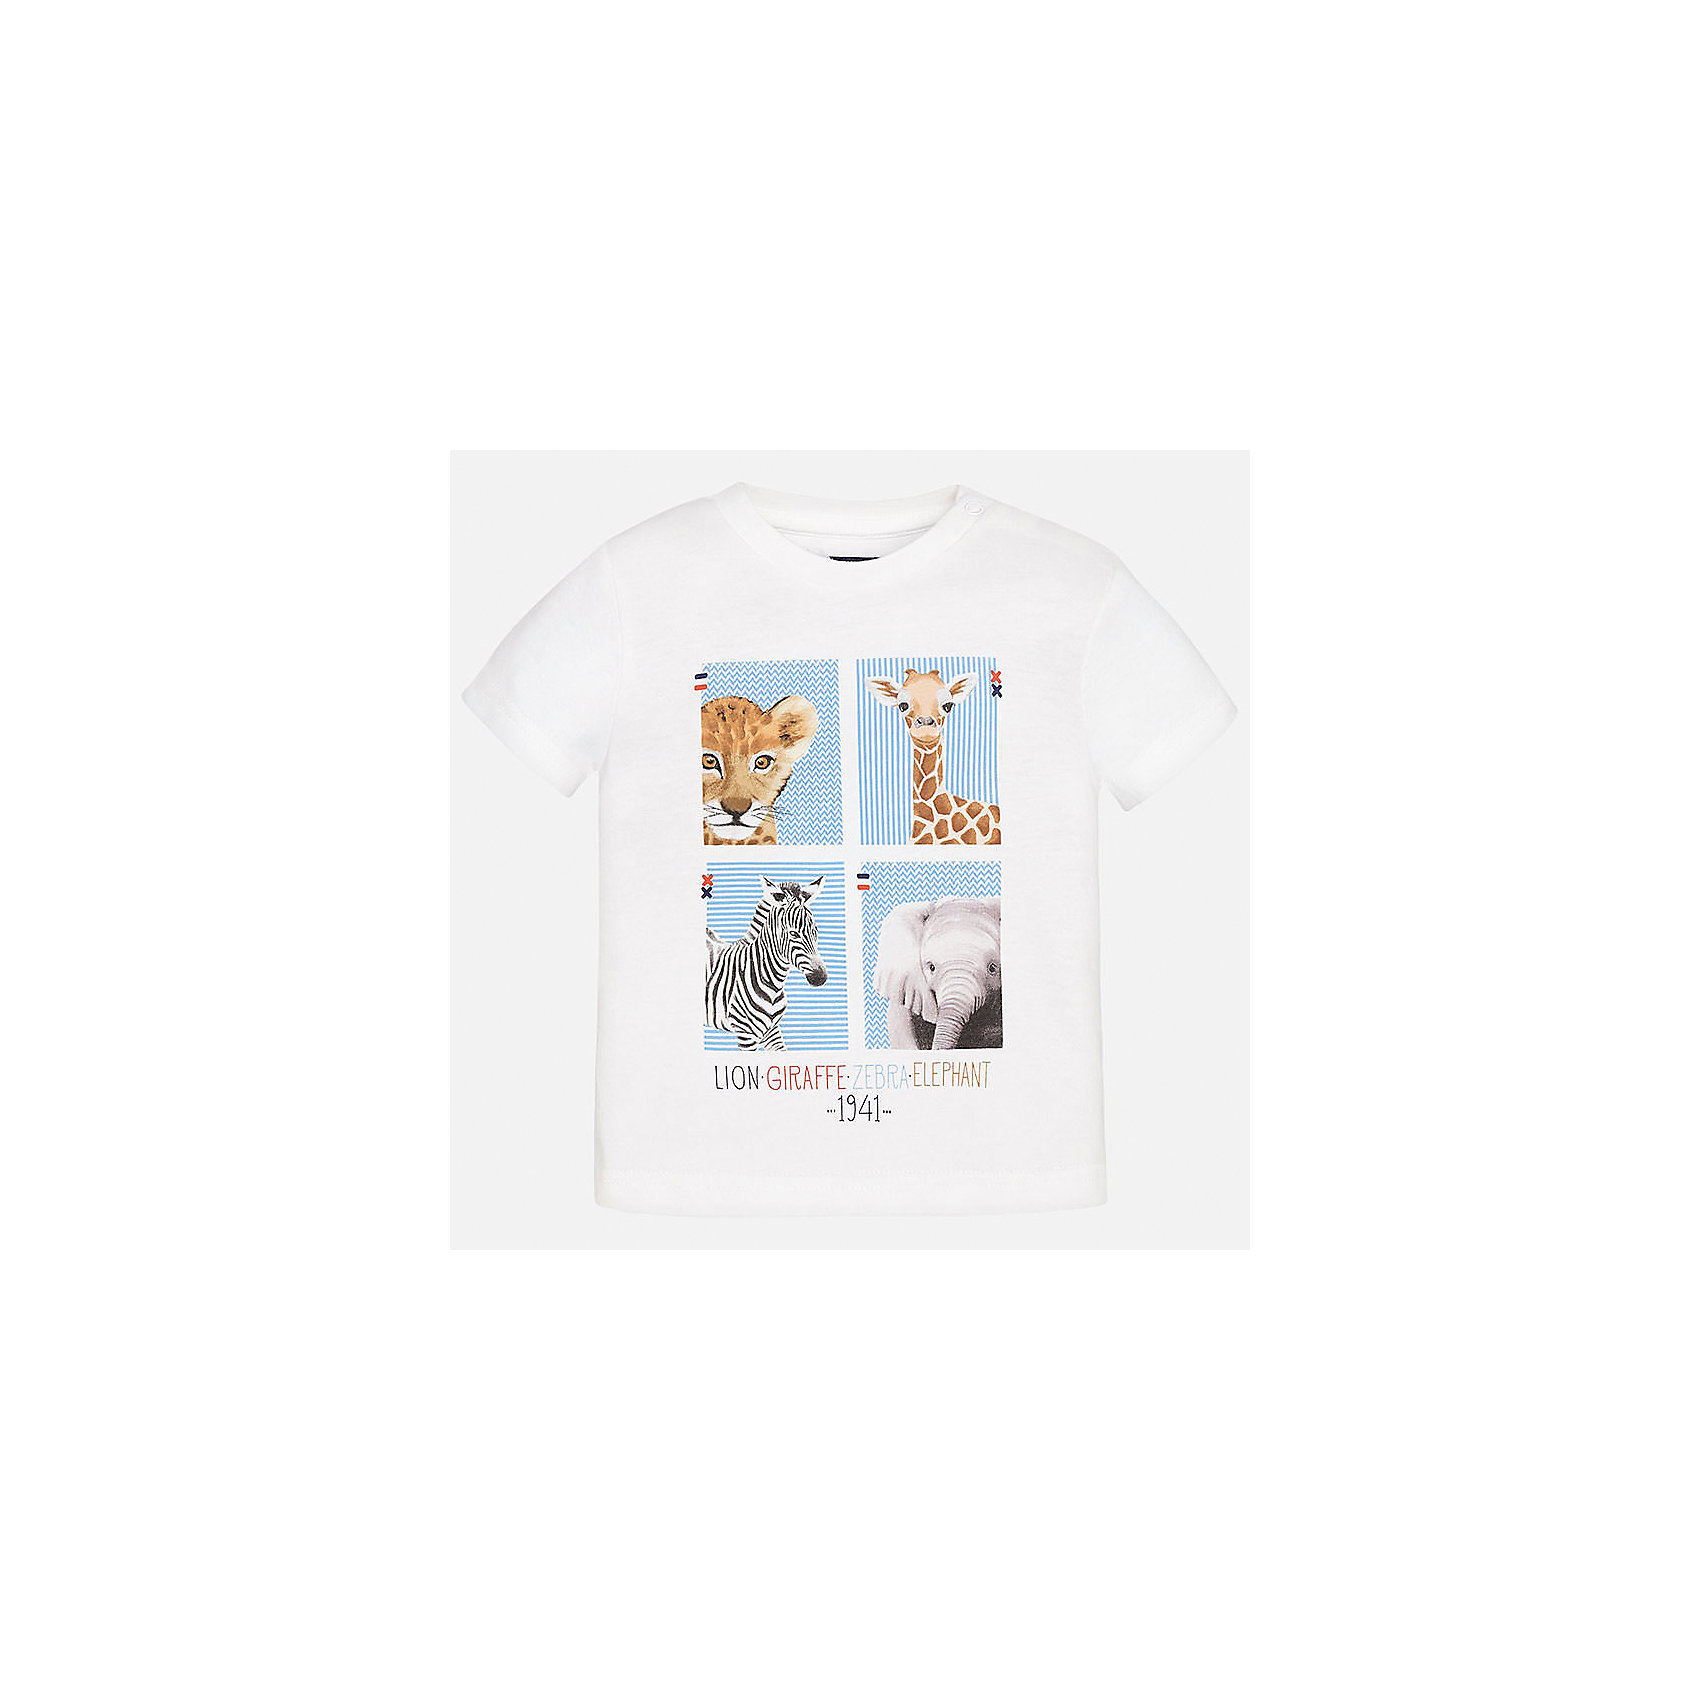 Футболка для мальчика MayoralФутболки, топы<br>Характеристики товара:<br><br>• цвет: белый<br>• состав: 100% хлопок<br>• круглый горловой вырез<br>• декорирована принтом<br>• короткие рукава<br>• мягкая отделка горловины<br>• страна бренда: Испания<br><br>Стильная удобная футболка с принтом поможет разнообразить гардероб мальчика. Она отлично сочетается с брюками, шортами, джинсами. Универсальный крой и цвет позволяет подобрать к вещи низ разных расцветок. Практичное и стильное изделие! Хорошо смотрится и комфортно сидит на детях. В составе материала - натуральный хлопок, гипоаллергенный, приятный на ощупь, дышащий. <br><br>Одежда, обувь и аксессуары от испанского бренда Mayoral полюбились детям и взрослым по всему миру. Модели этой марки - стильные и удобные. Для их производства используются только безопасные, качественные материалы и фурнитура. Порадуйте ребенка модными и красивыми вещами от Mayoral! <br><br>Футболку для мальчика от испанского бренда Mayoral (Майорал) можно купить в нашем интернет-магазине.<br><br>Ширина мм: 199<br>Глубина мм: 10<br>Высота мм: 161<br>Вес г: 151<br>Цвет: белый<br>Возраст от месяцев: 12<br>Возраст до месяцев: 15<br>Пол: Мужской<br>Возраст: Детский<br>Размер: 80,92,86<br>SKU: 5278425